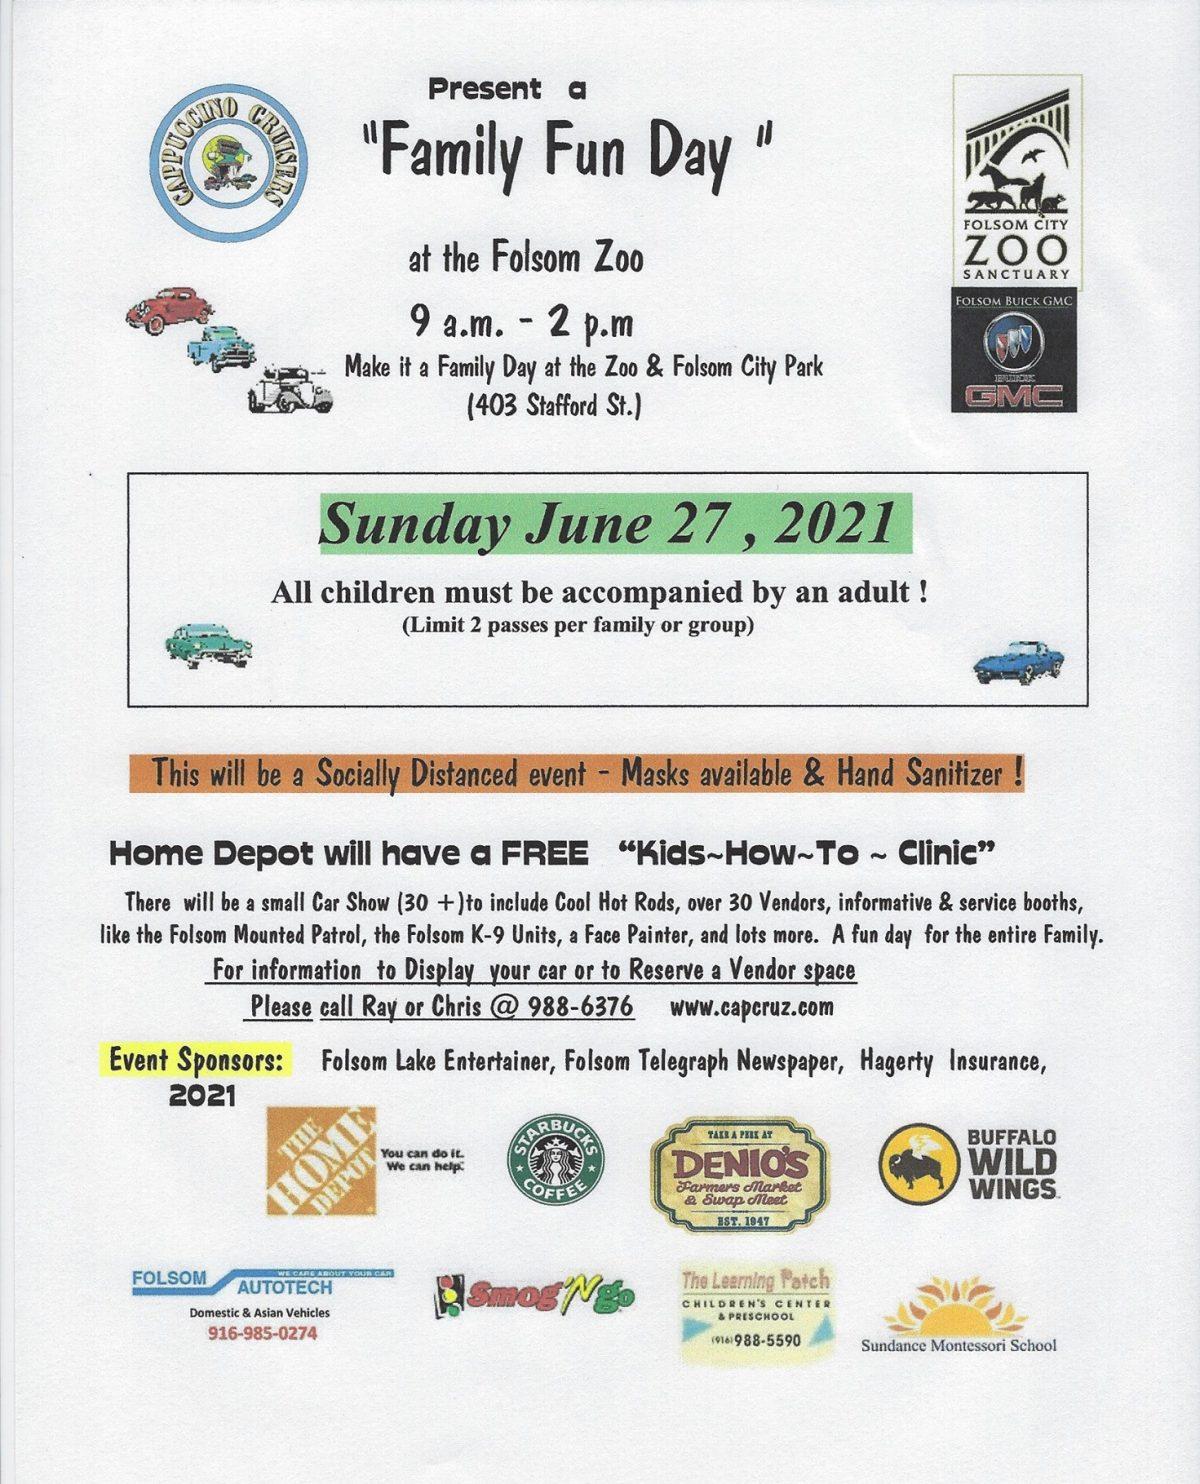 Family Day at Folsom Zoo